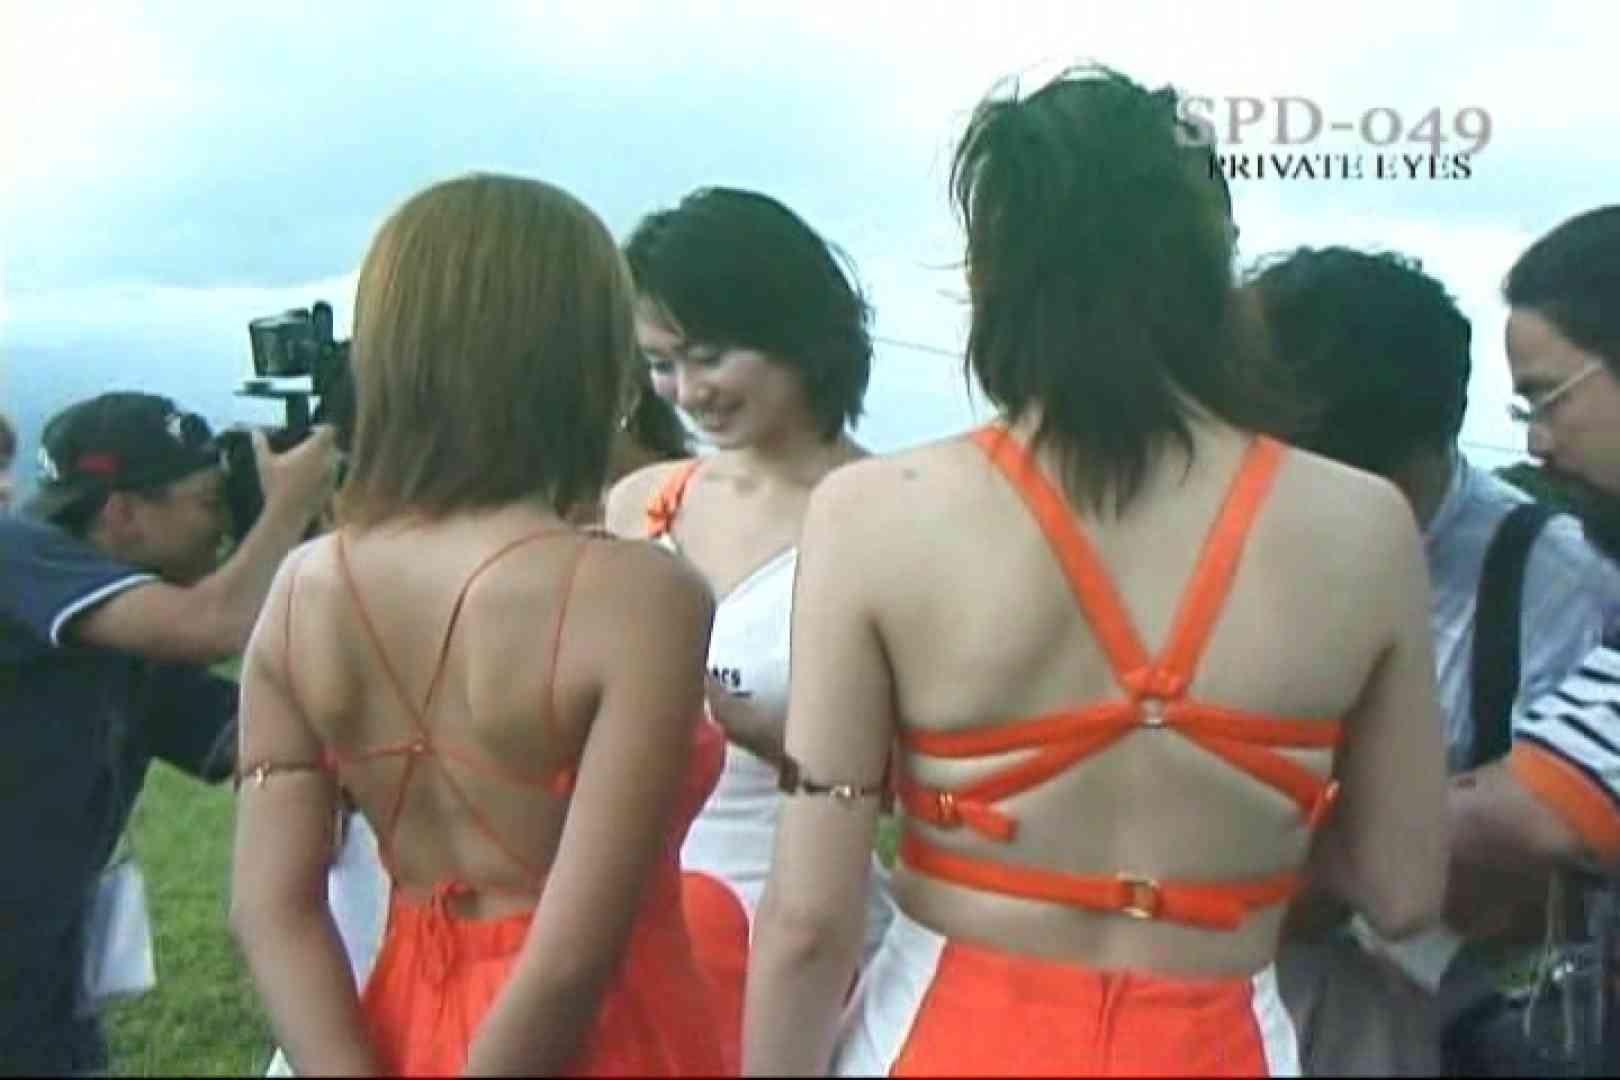 高画質版!SPD-049 サーキットの女神達 99'GT富士第5戦 高画質  71画像 3